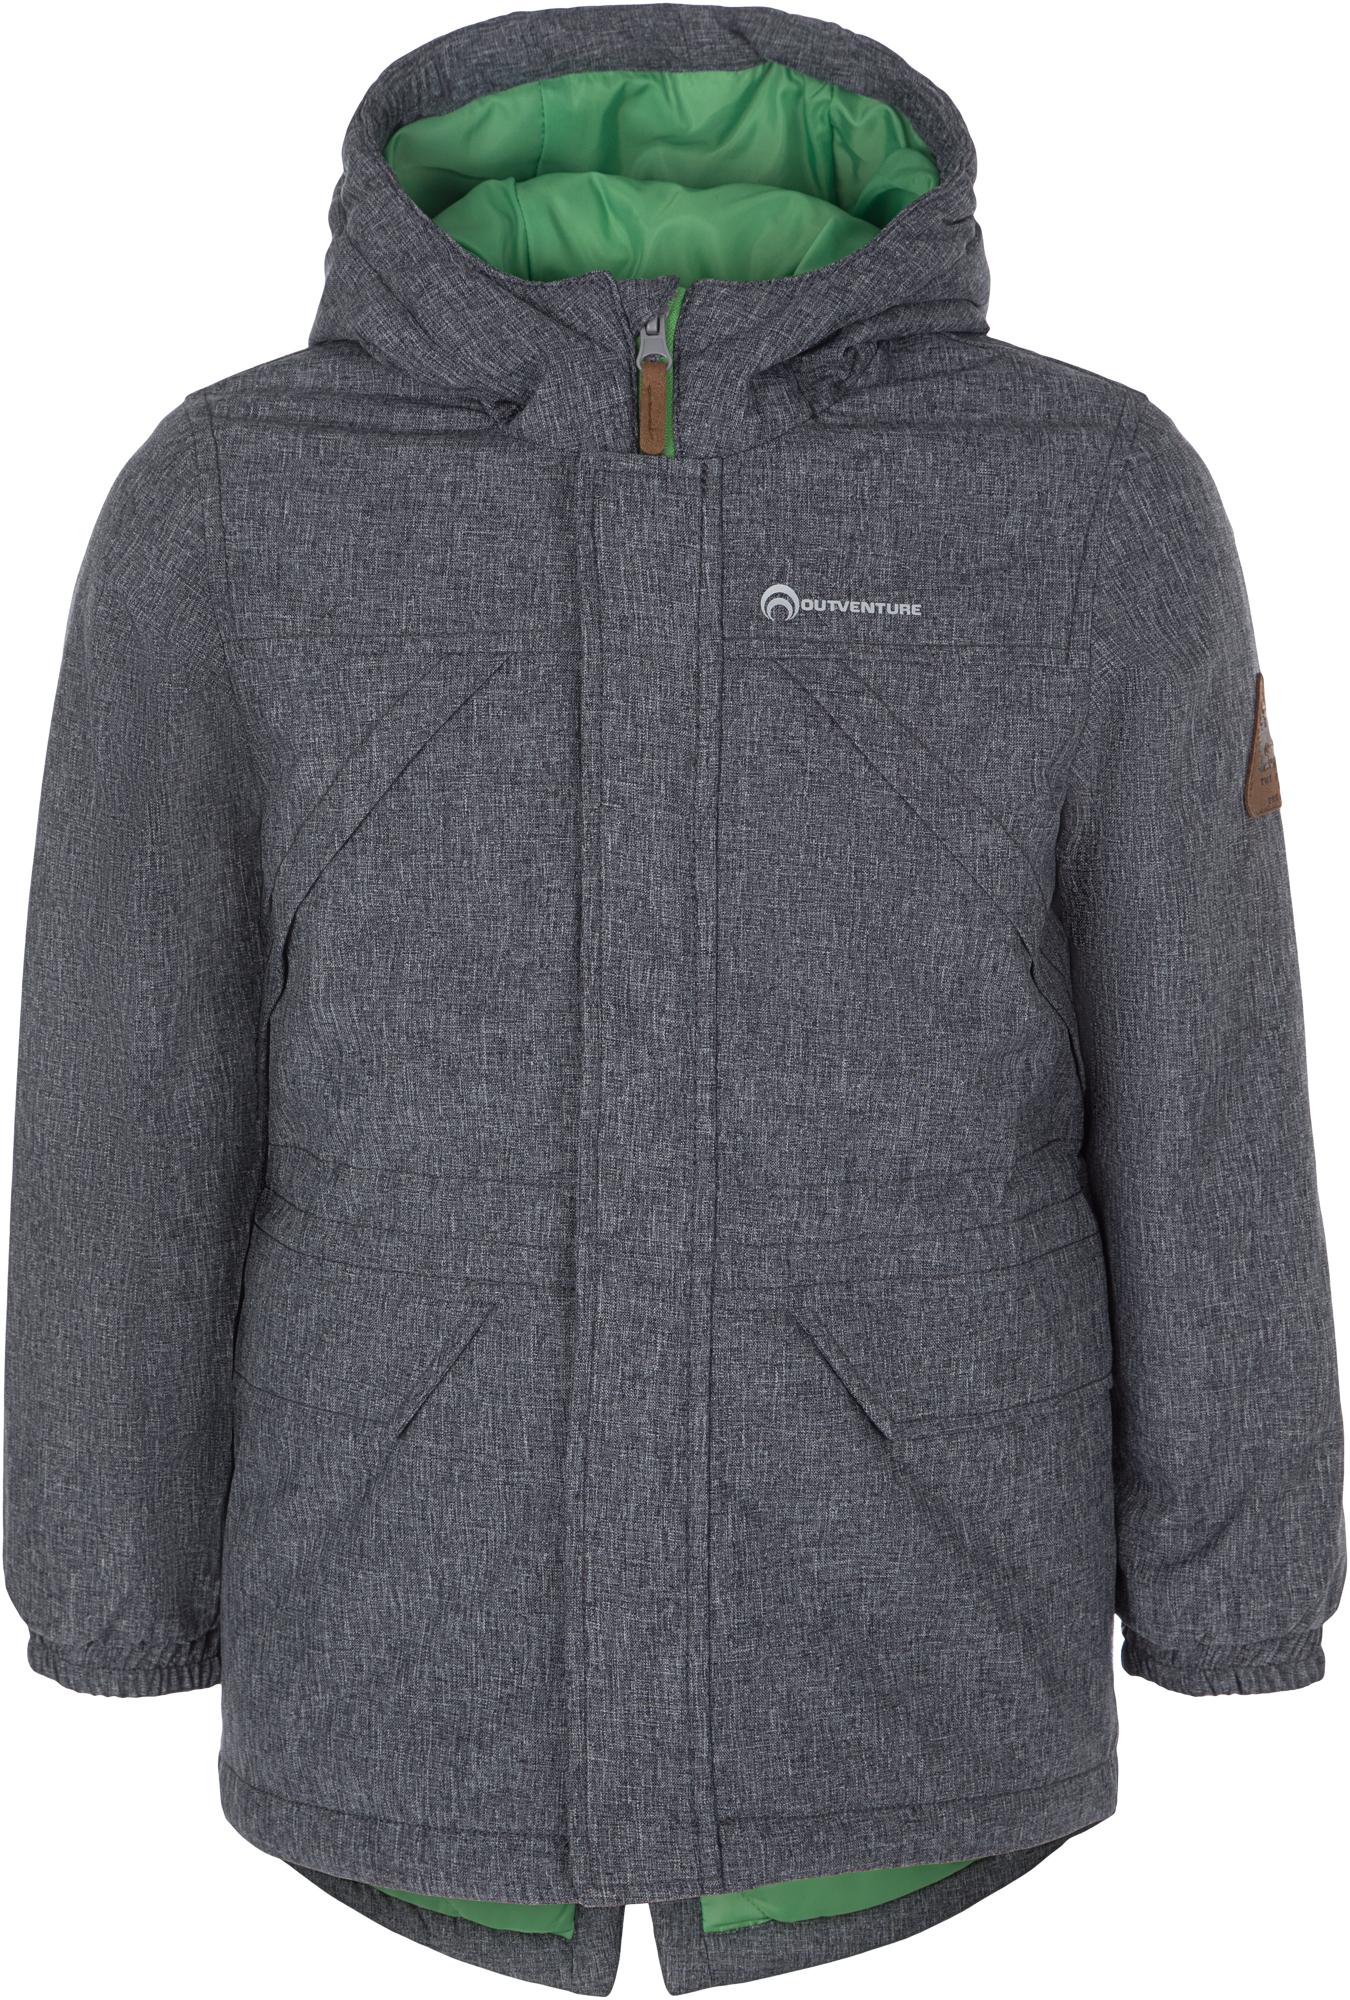 Outventure Куртка утепленная для мальчиков Outventure, размер 122